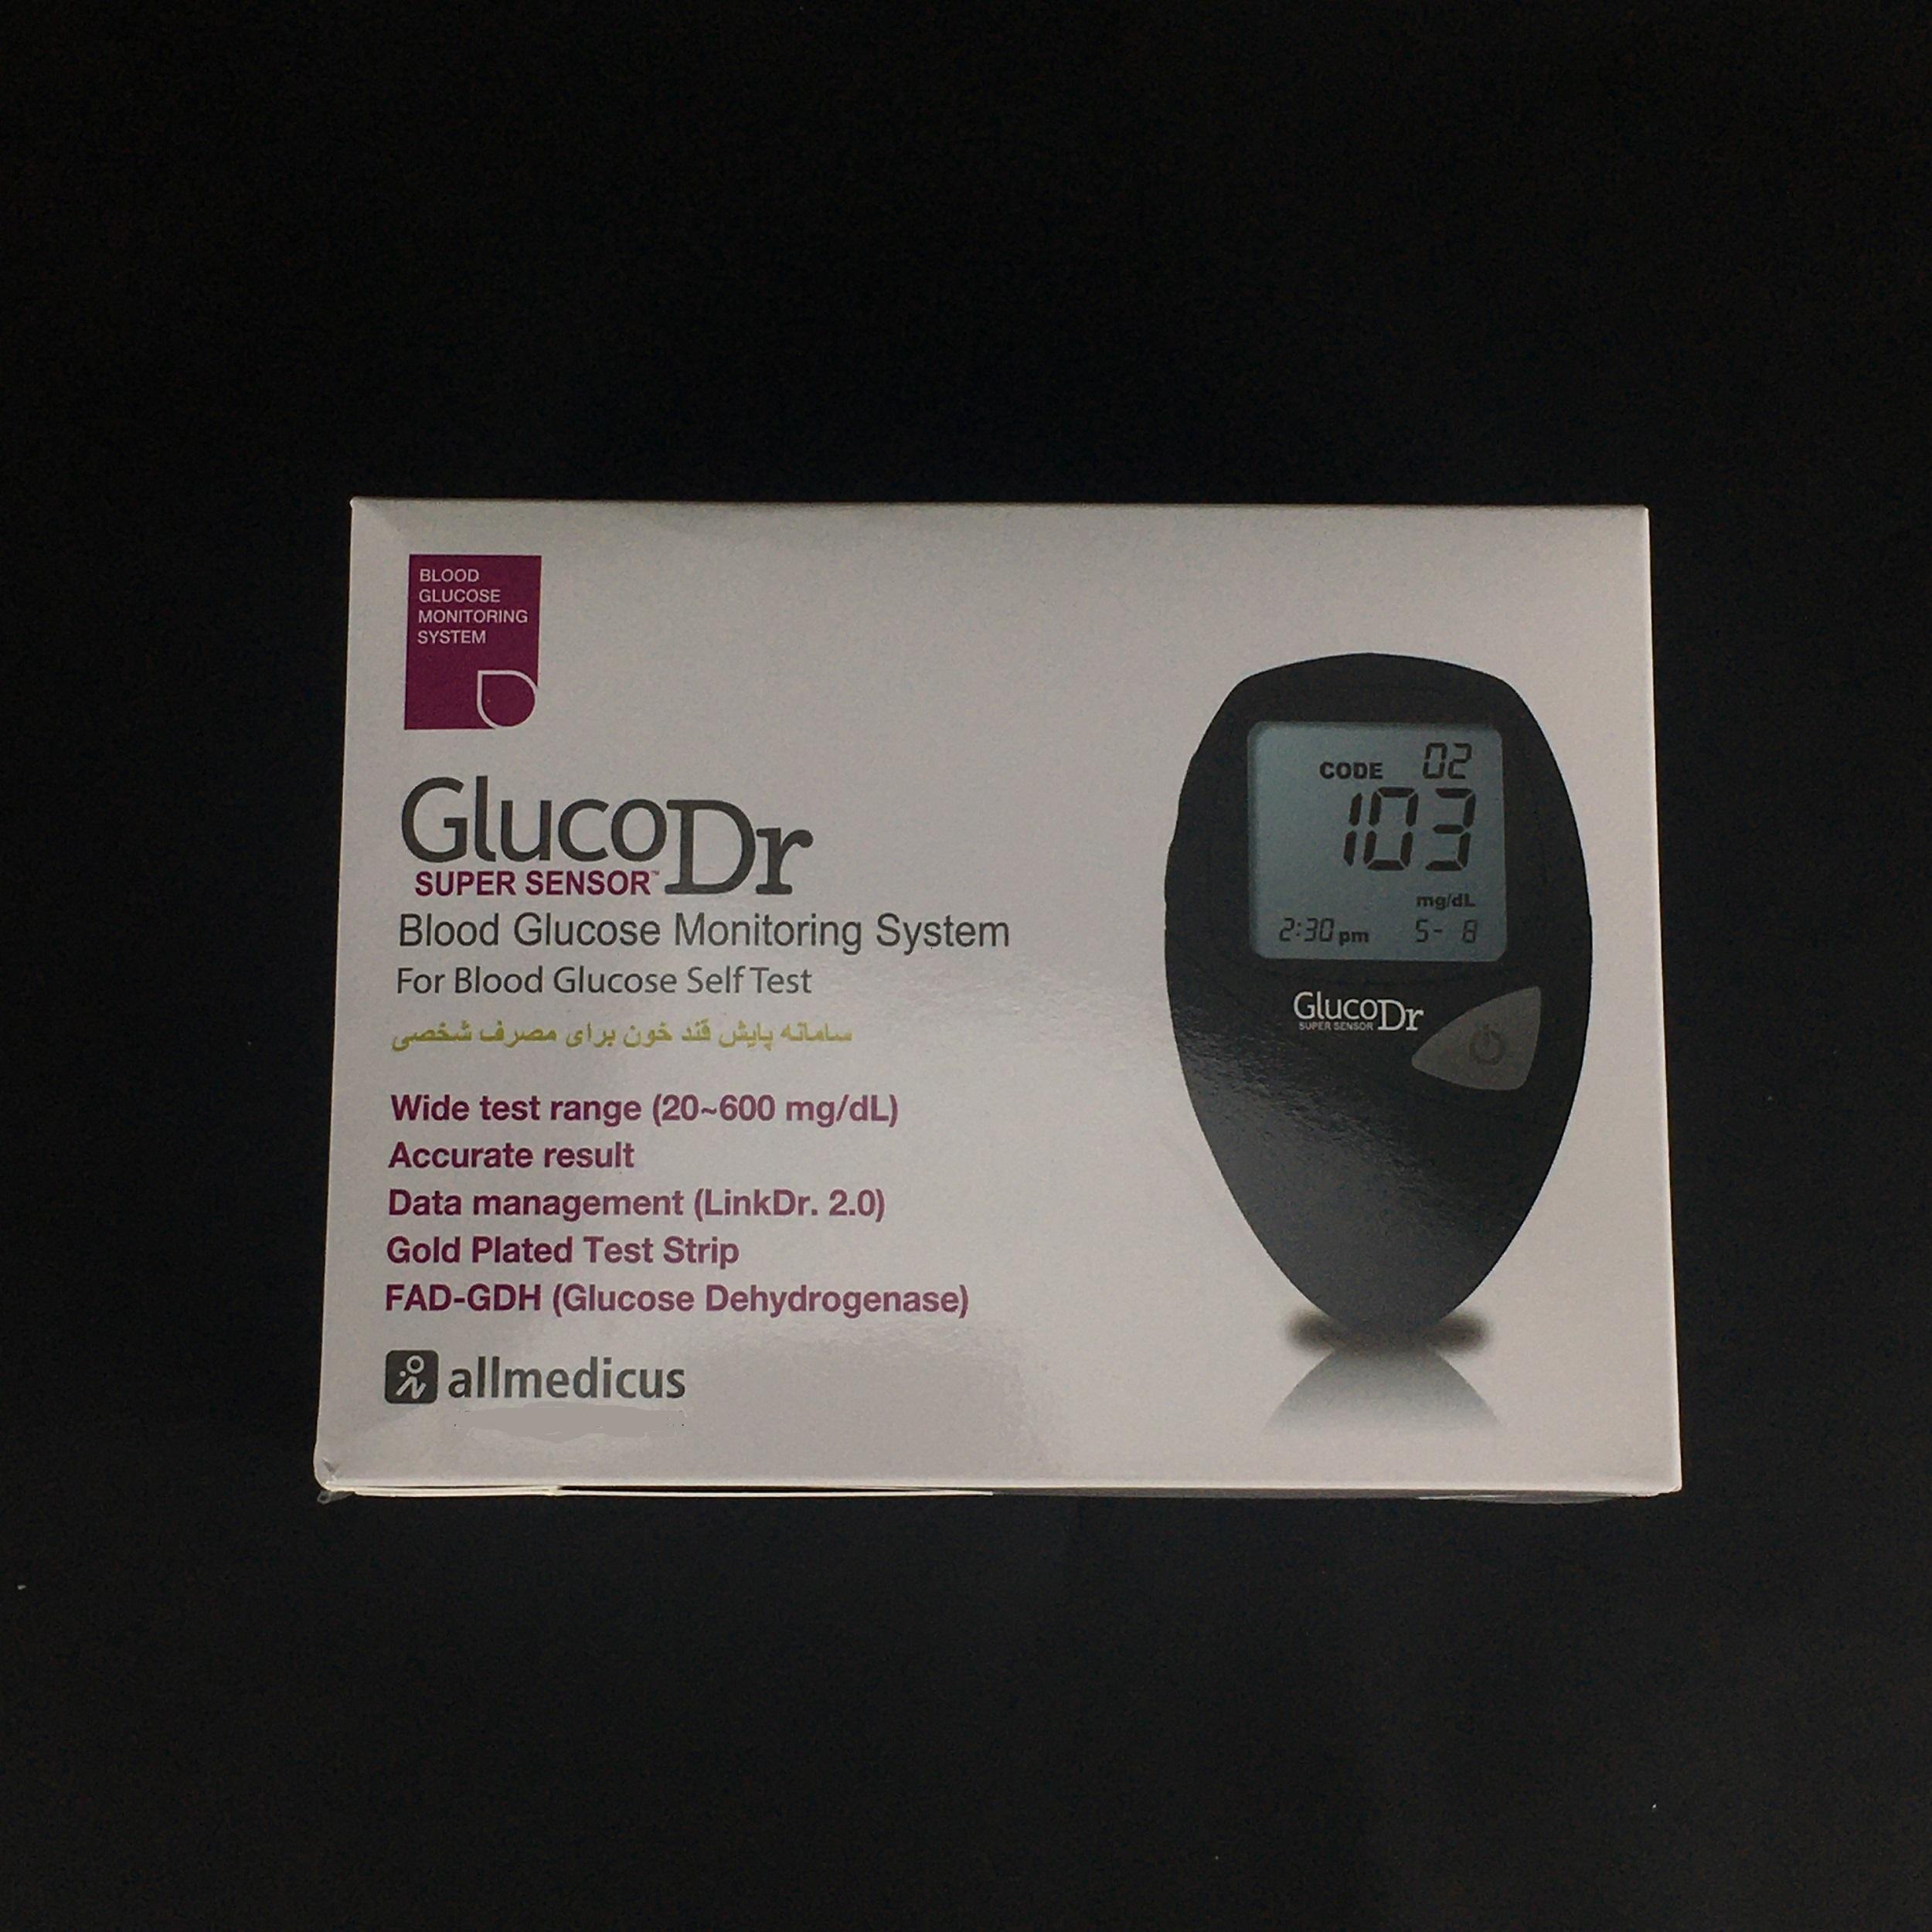 دستگاه تست قند خون گلوکو داکتر مدل سوپر سنسور کد i10